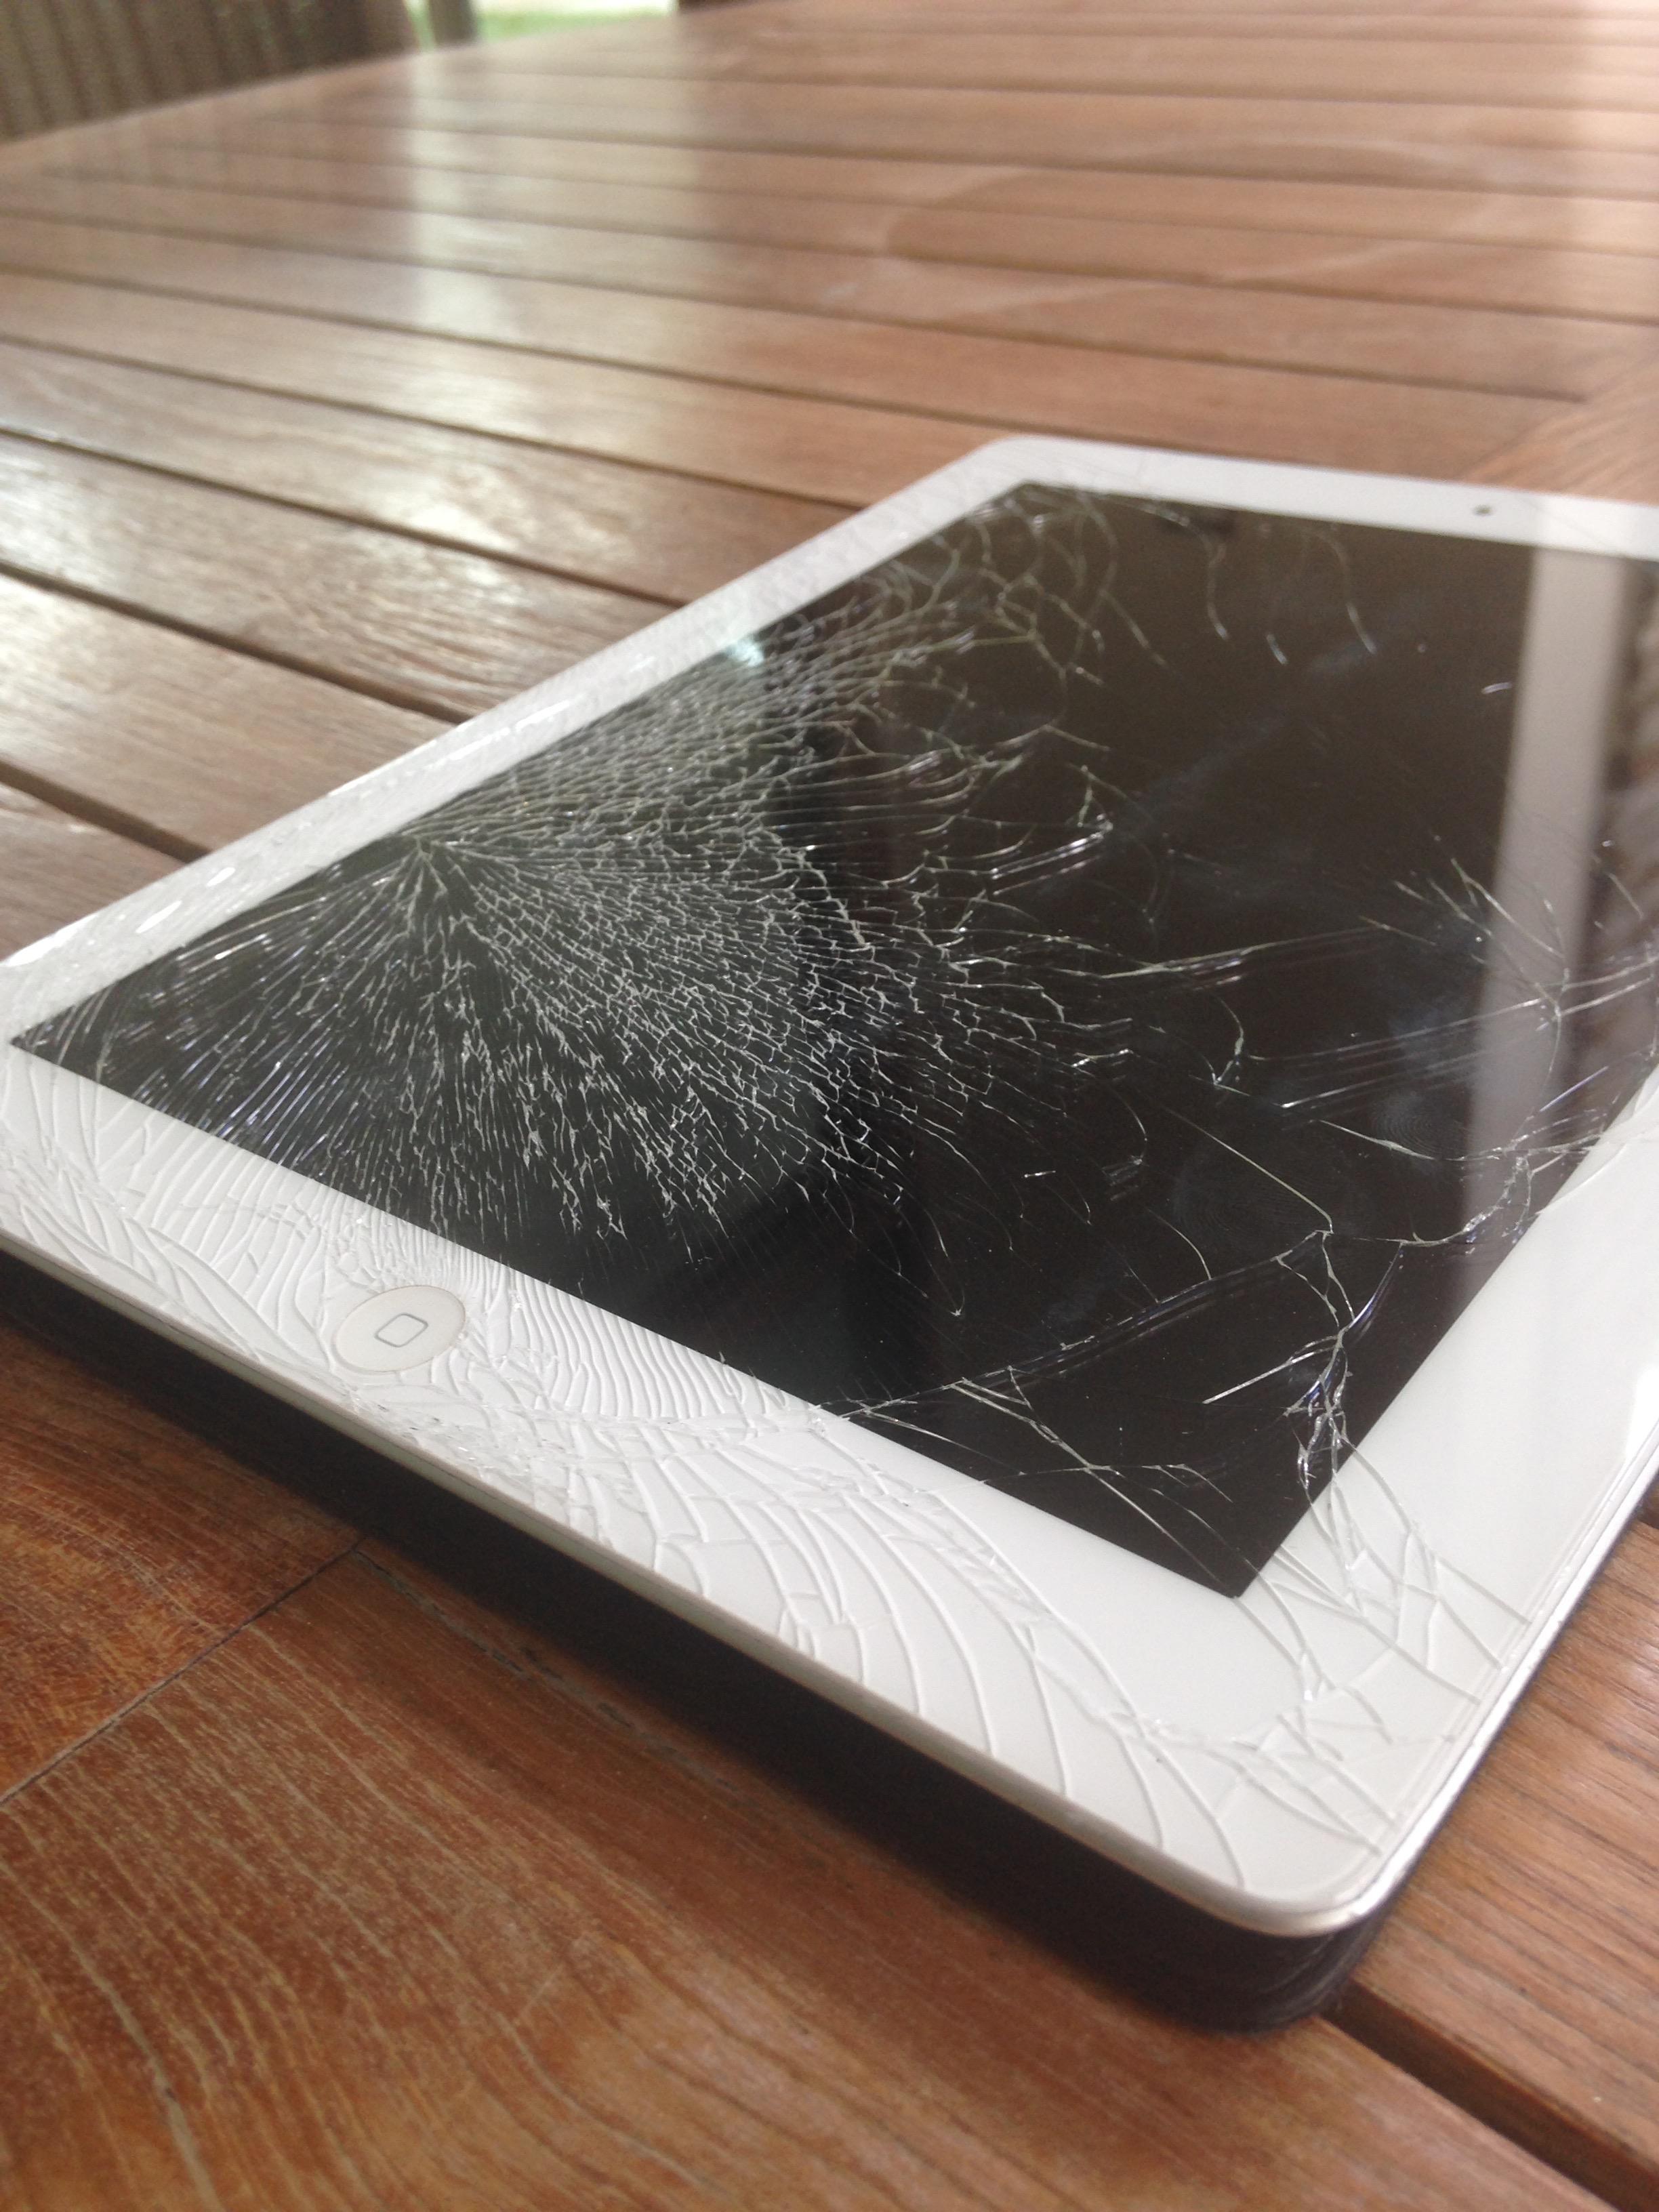 Why me? I can't believe I broke my iPad screen